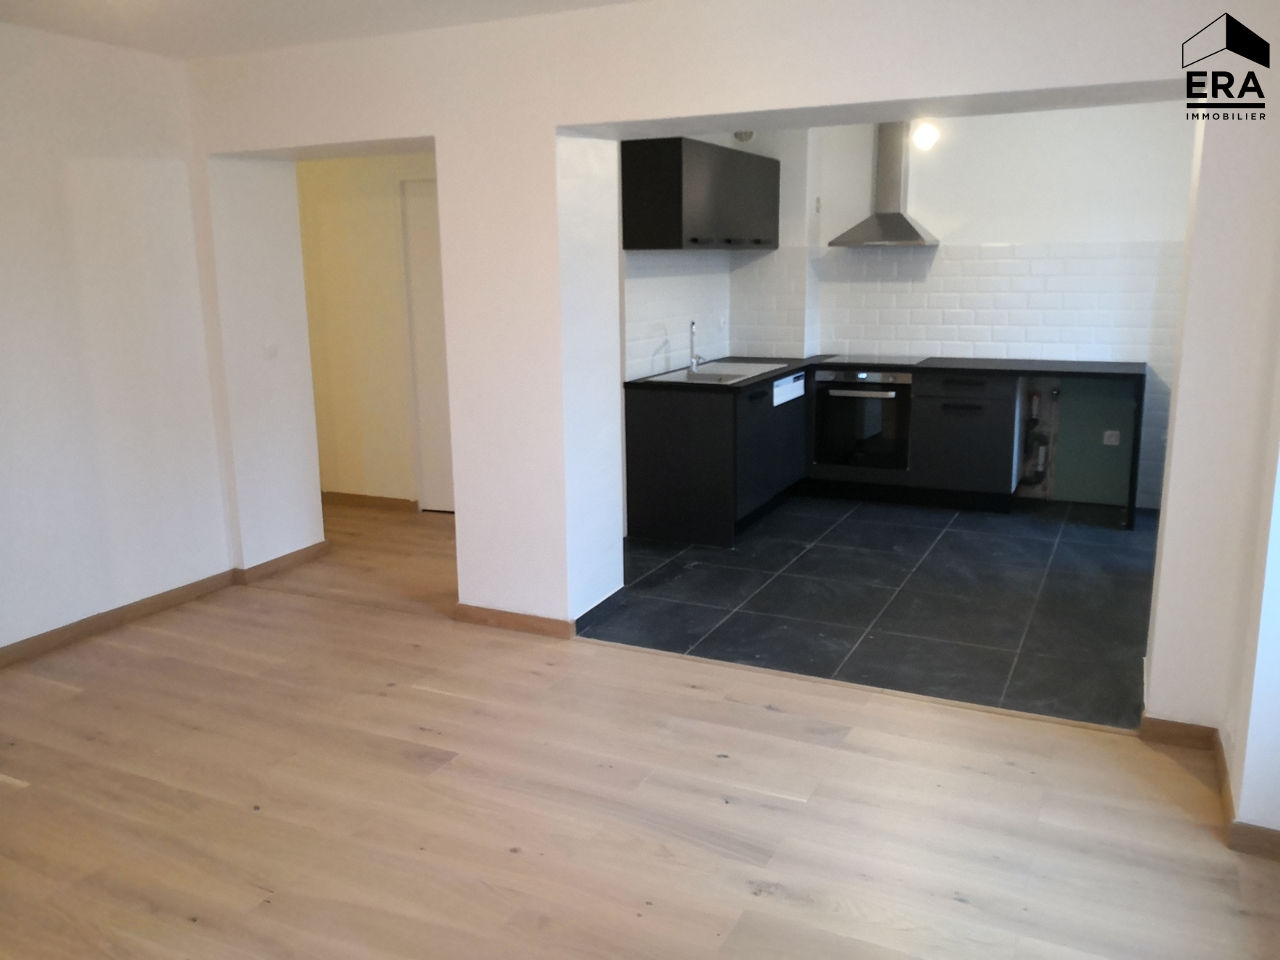 vente appartement à ASCAIN - 290 000